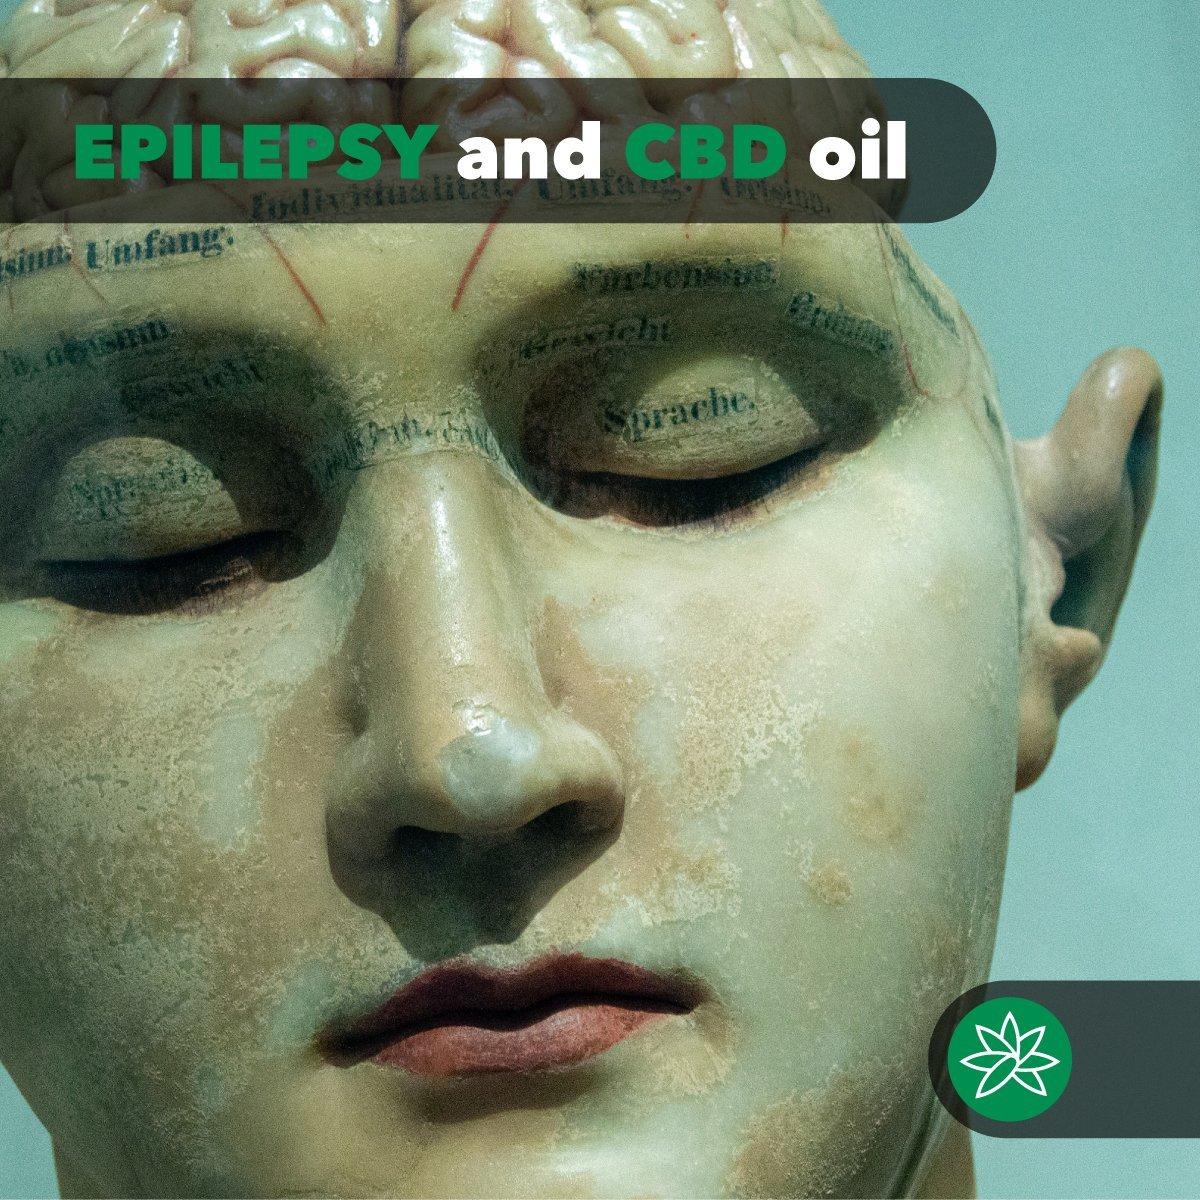 Epilepsy and CBD oil